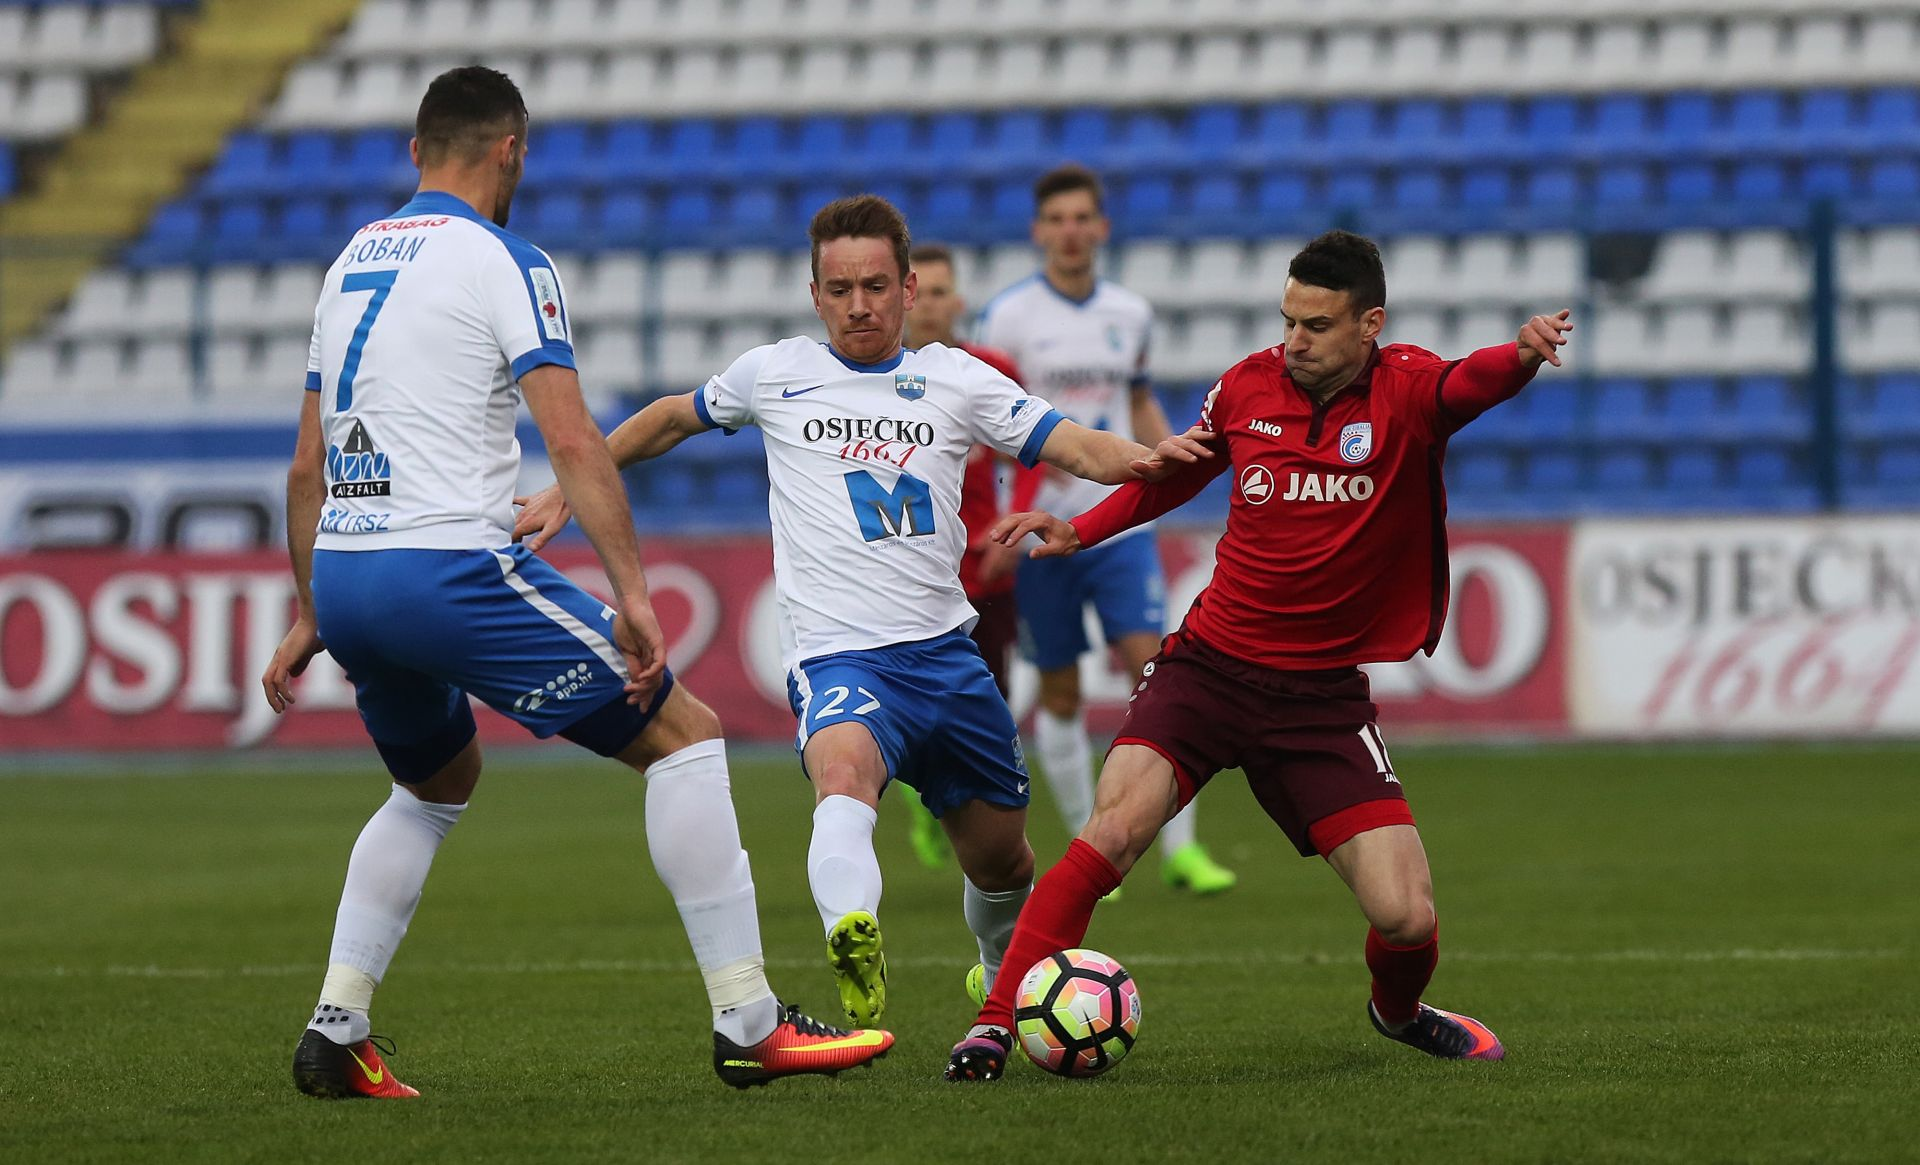 HNL Inter i Split bez golova, Osijek povećao prednost ispred Hajduka